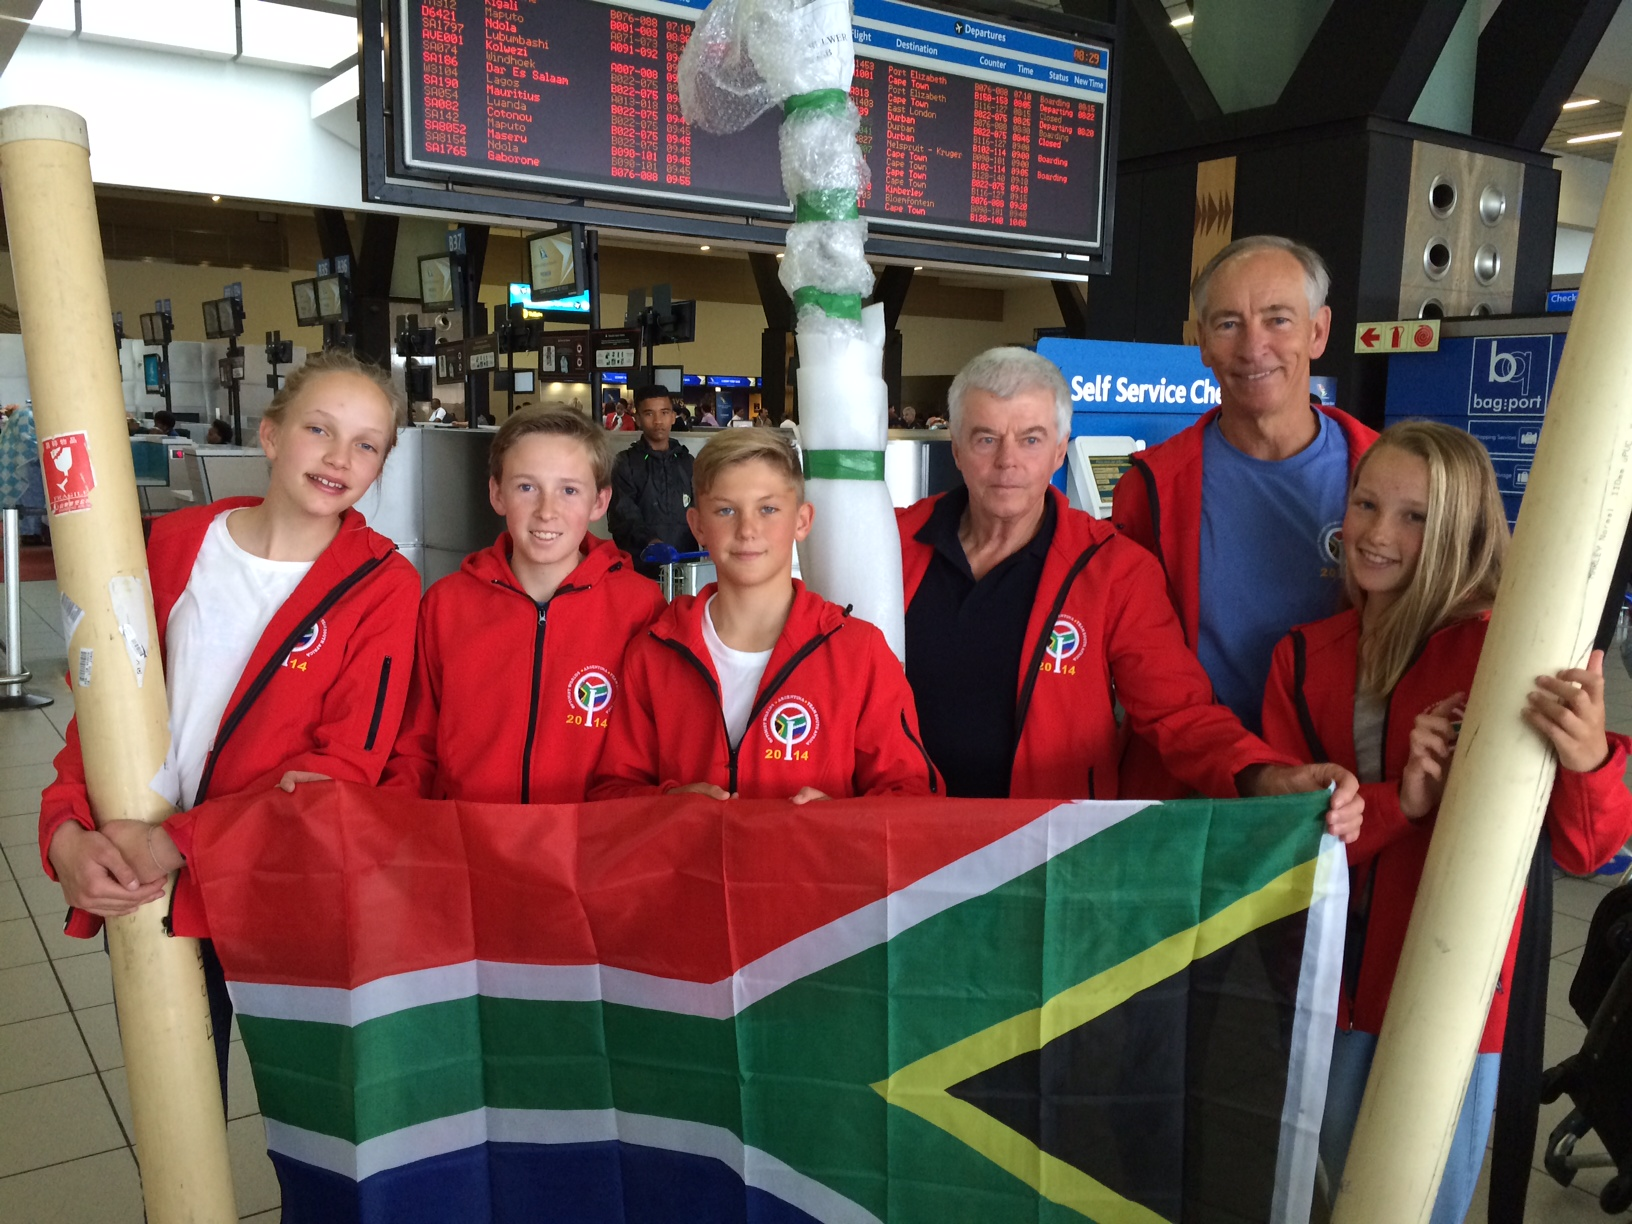 SA's Optimist team upbeat ahead of World Championship